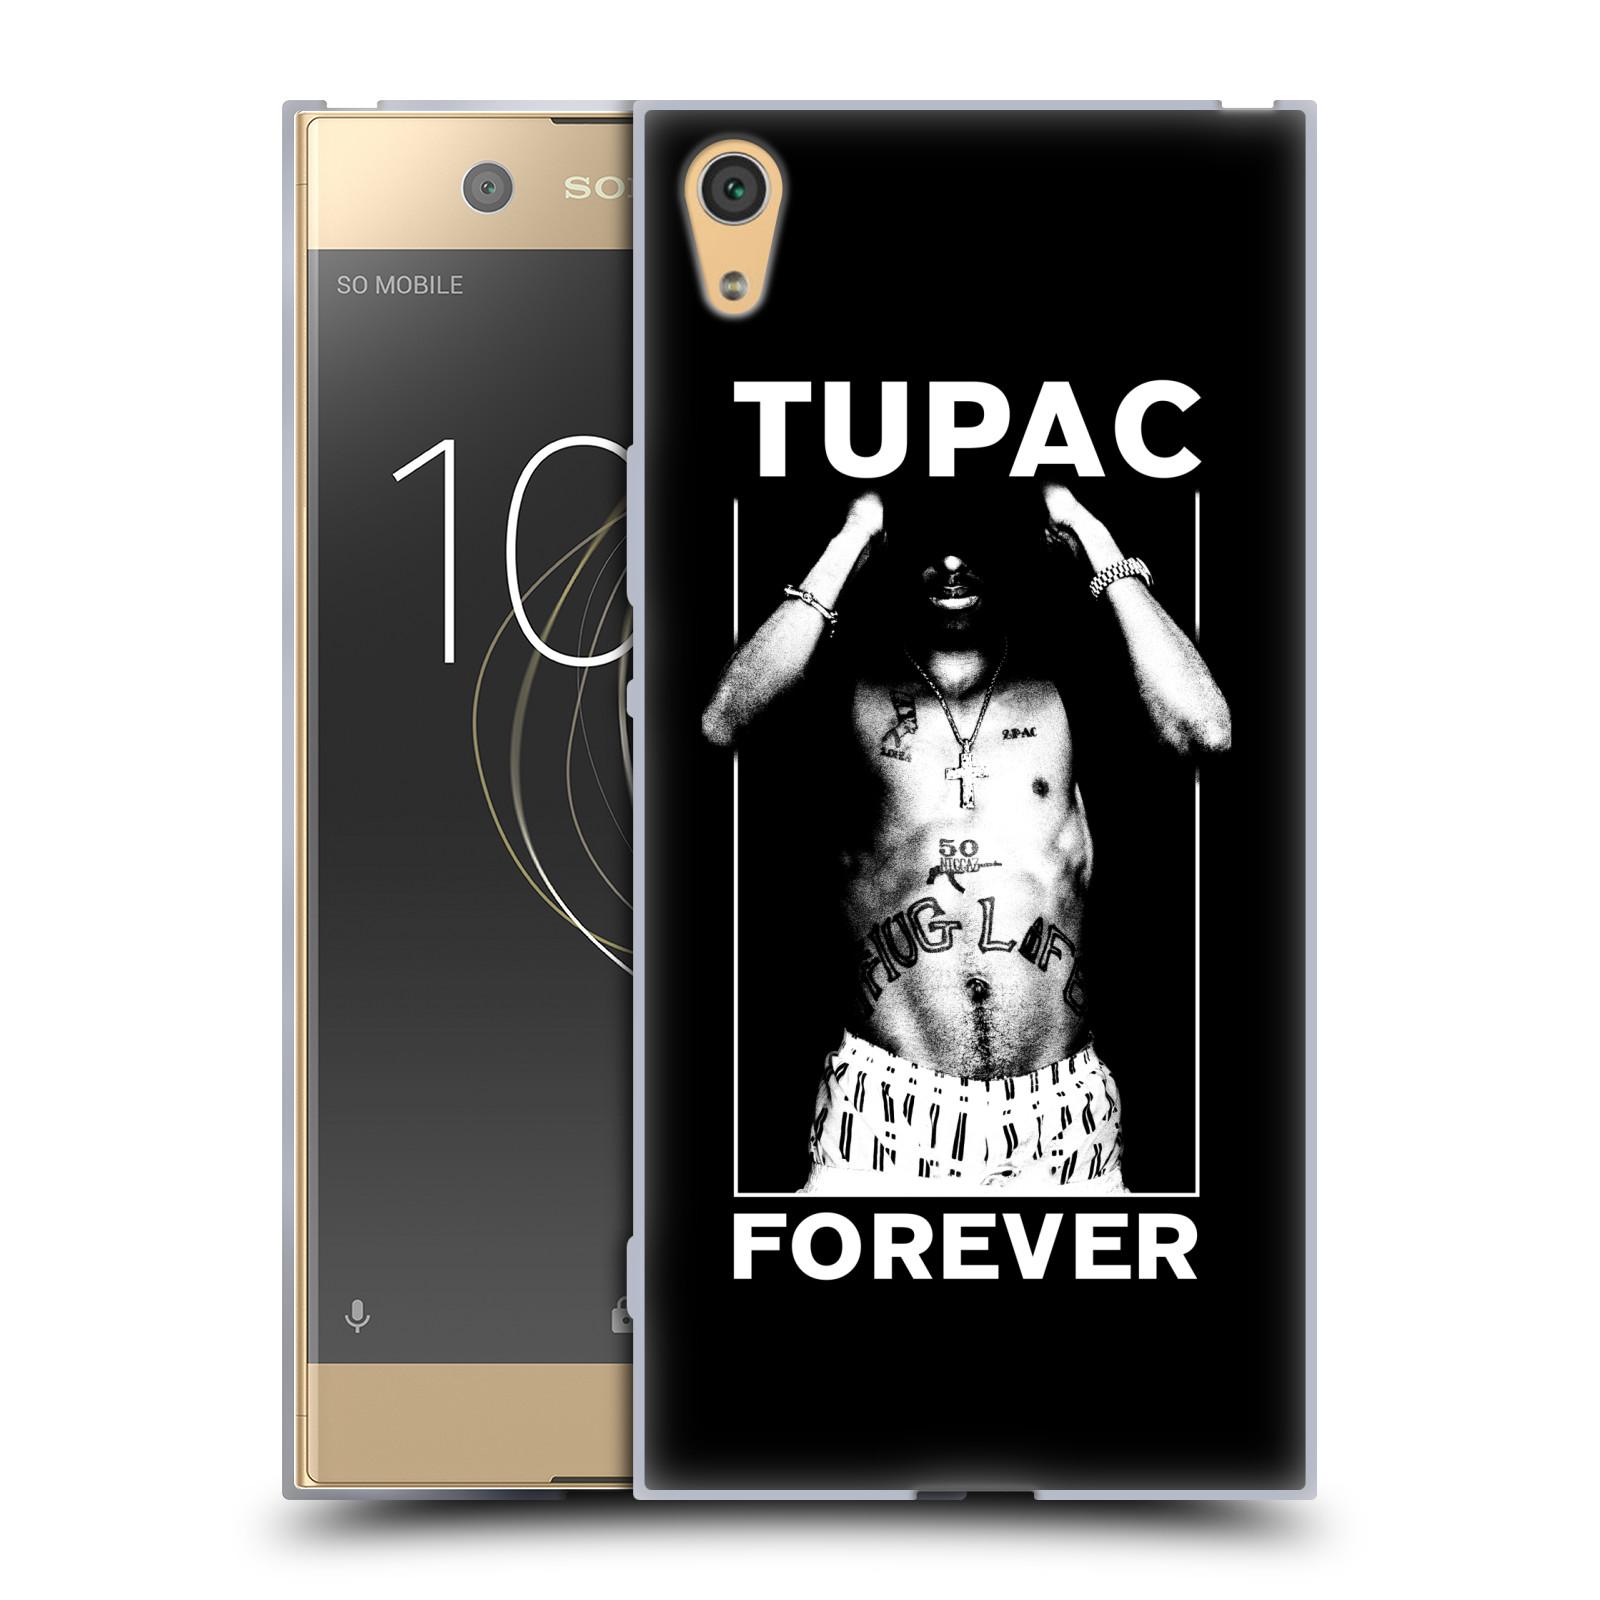 HEAD CASE silikonový obal na mobil Sony Xperia XA1 ULTRA Zpěvák rapper Tupac Shakur 2Pac bílý popisek FOREVER